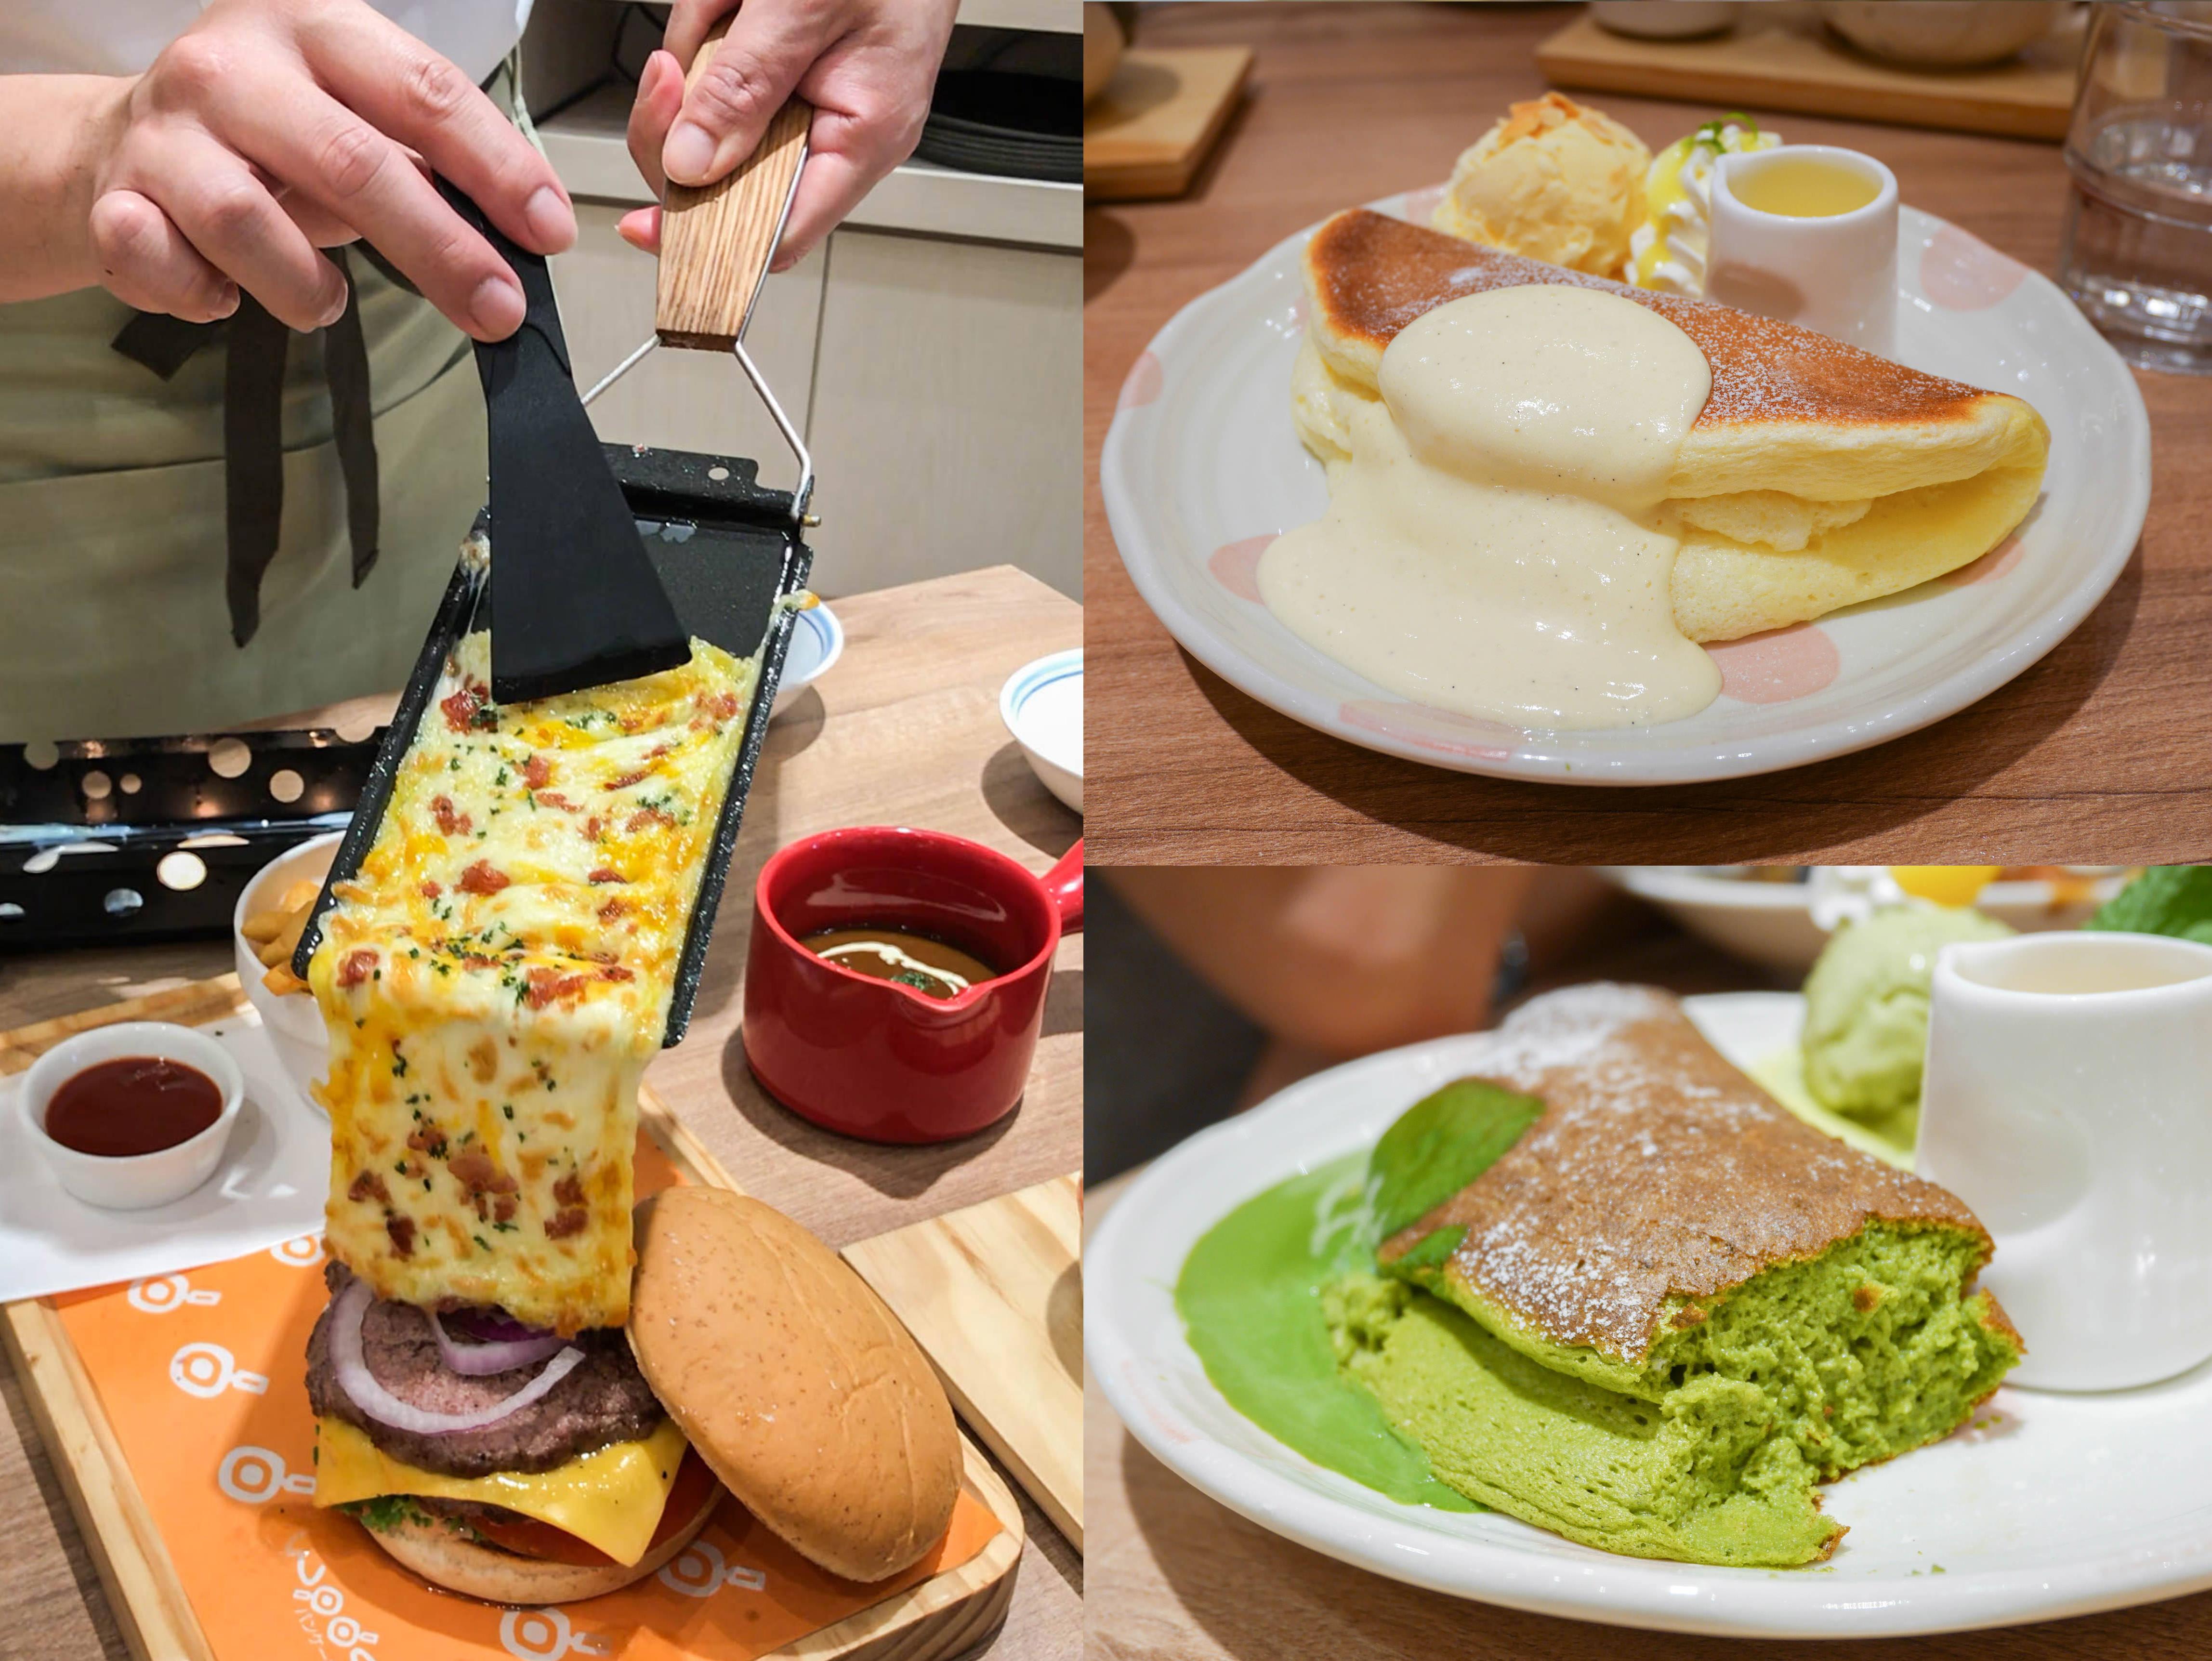 台北車站美食|Woosa屋莎鬆餅屋:鹹食也好吃的雲朵鬆餅!從高雄紅上來的下午茶鬆餅@捷運台北車站